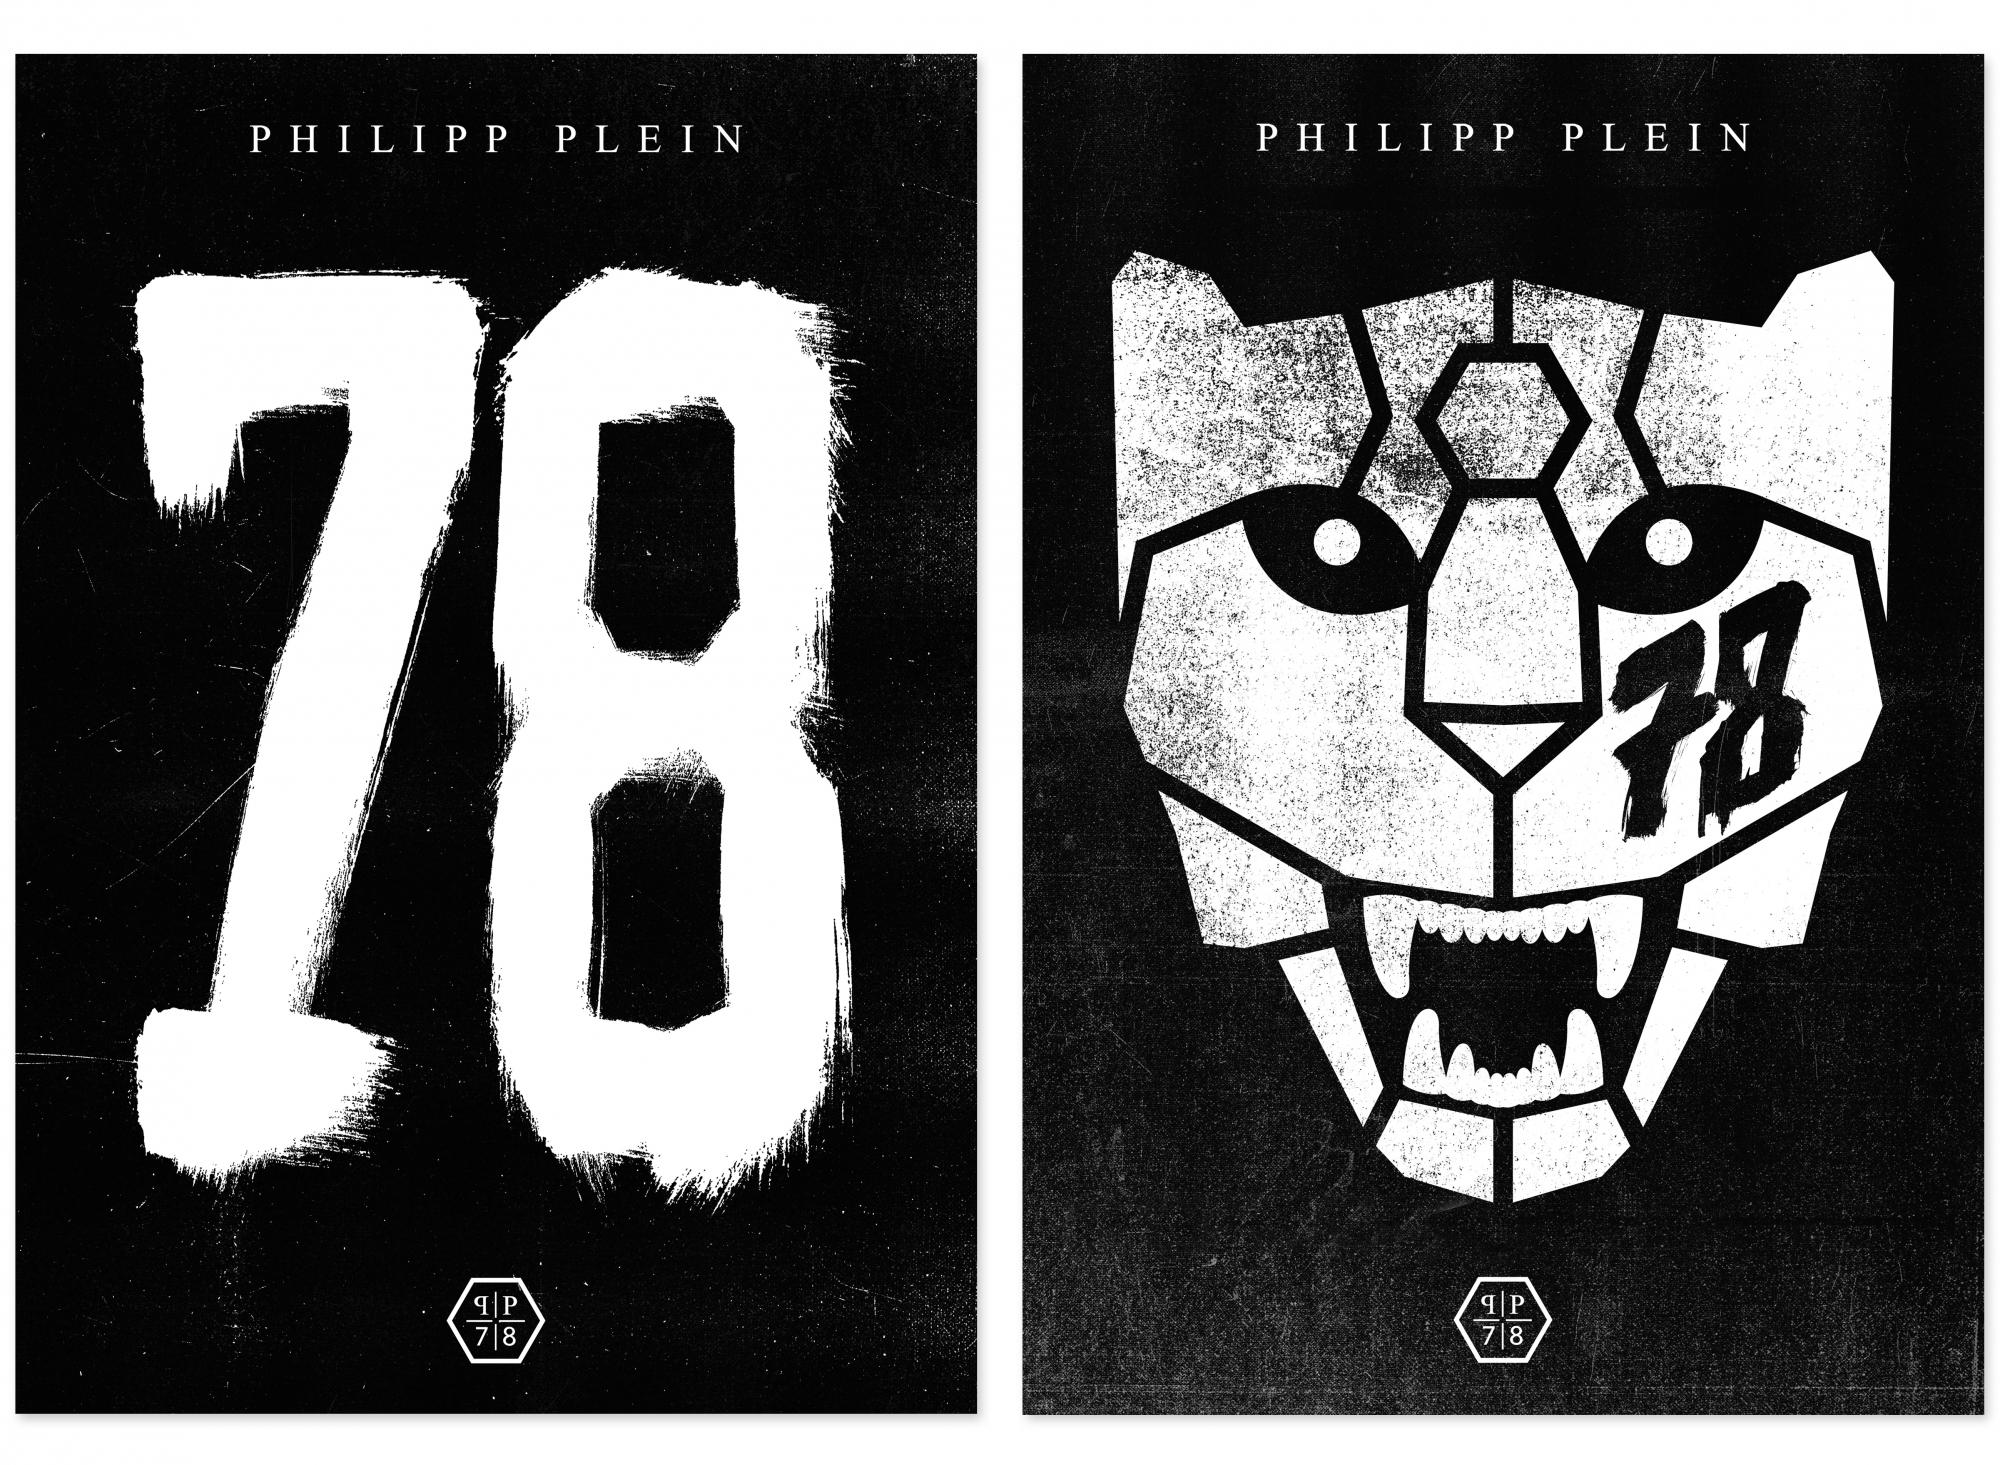 Philipp Plein Aw.